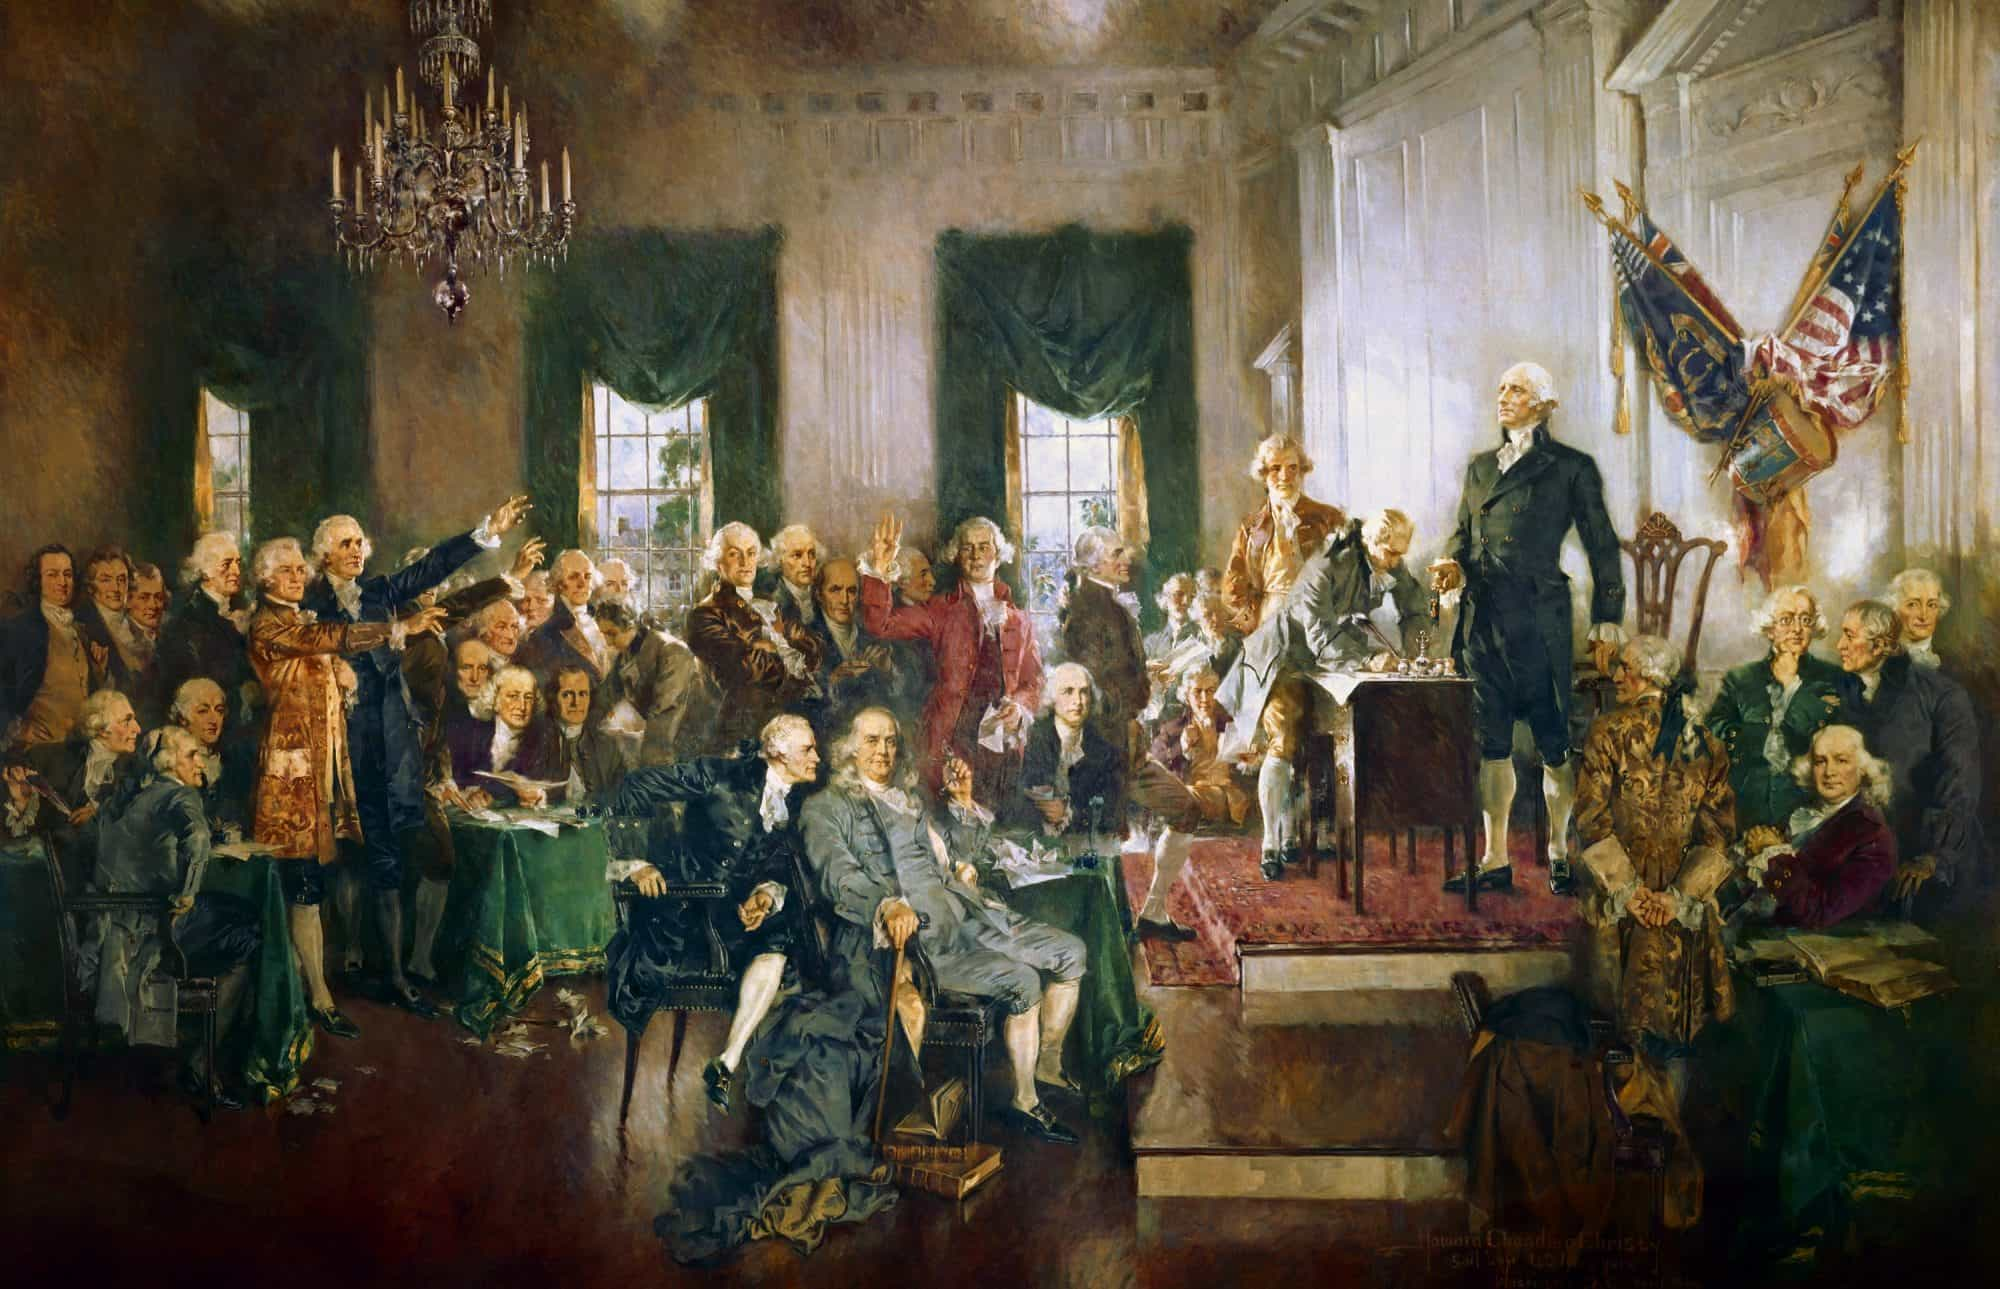 scène de la déclaration d'indépendance